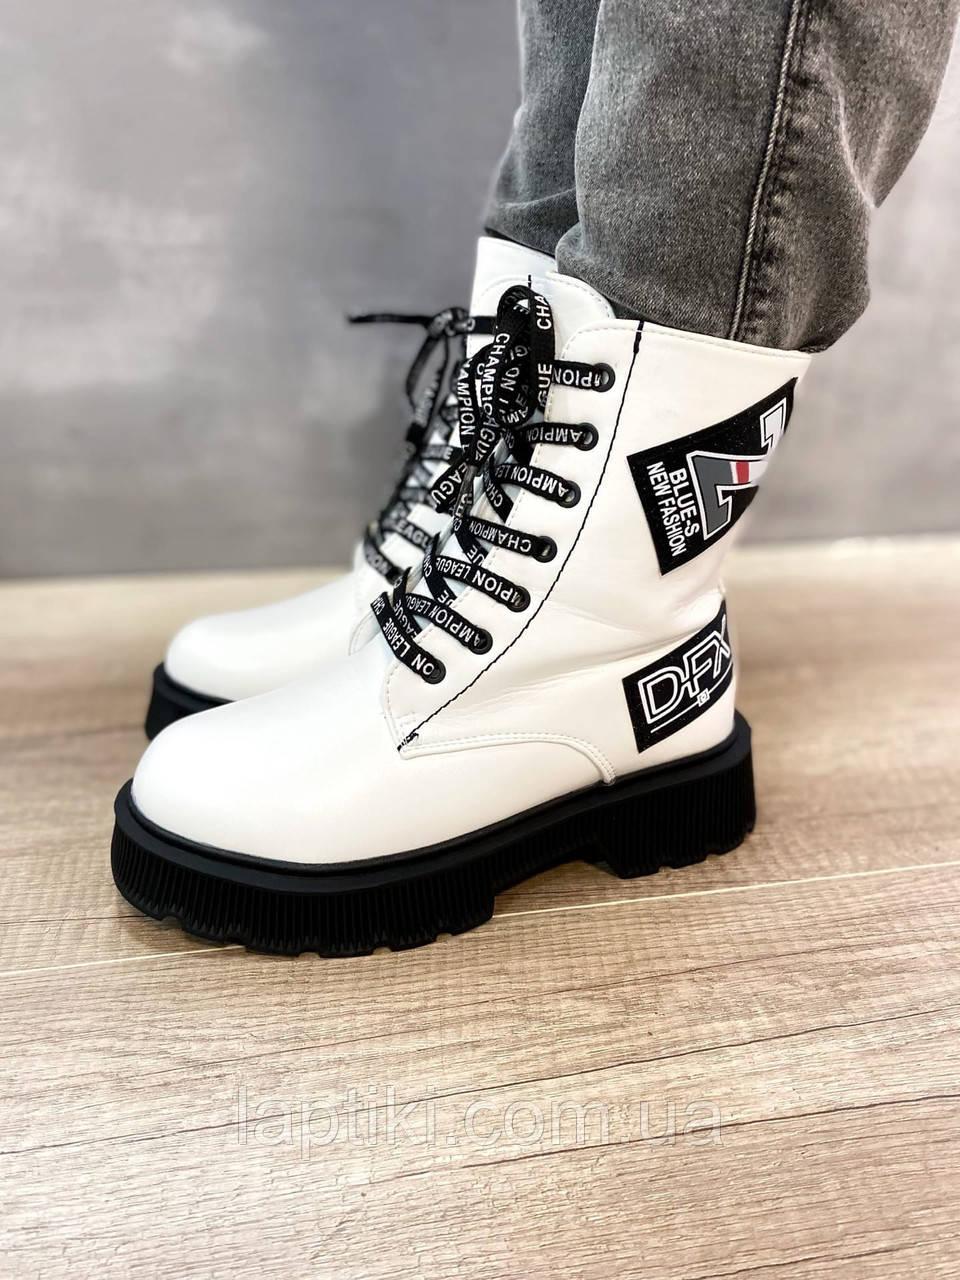 Білосніжні зимові чобітки для дівчаток Тому.м